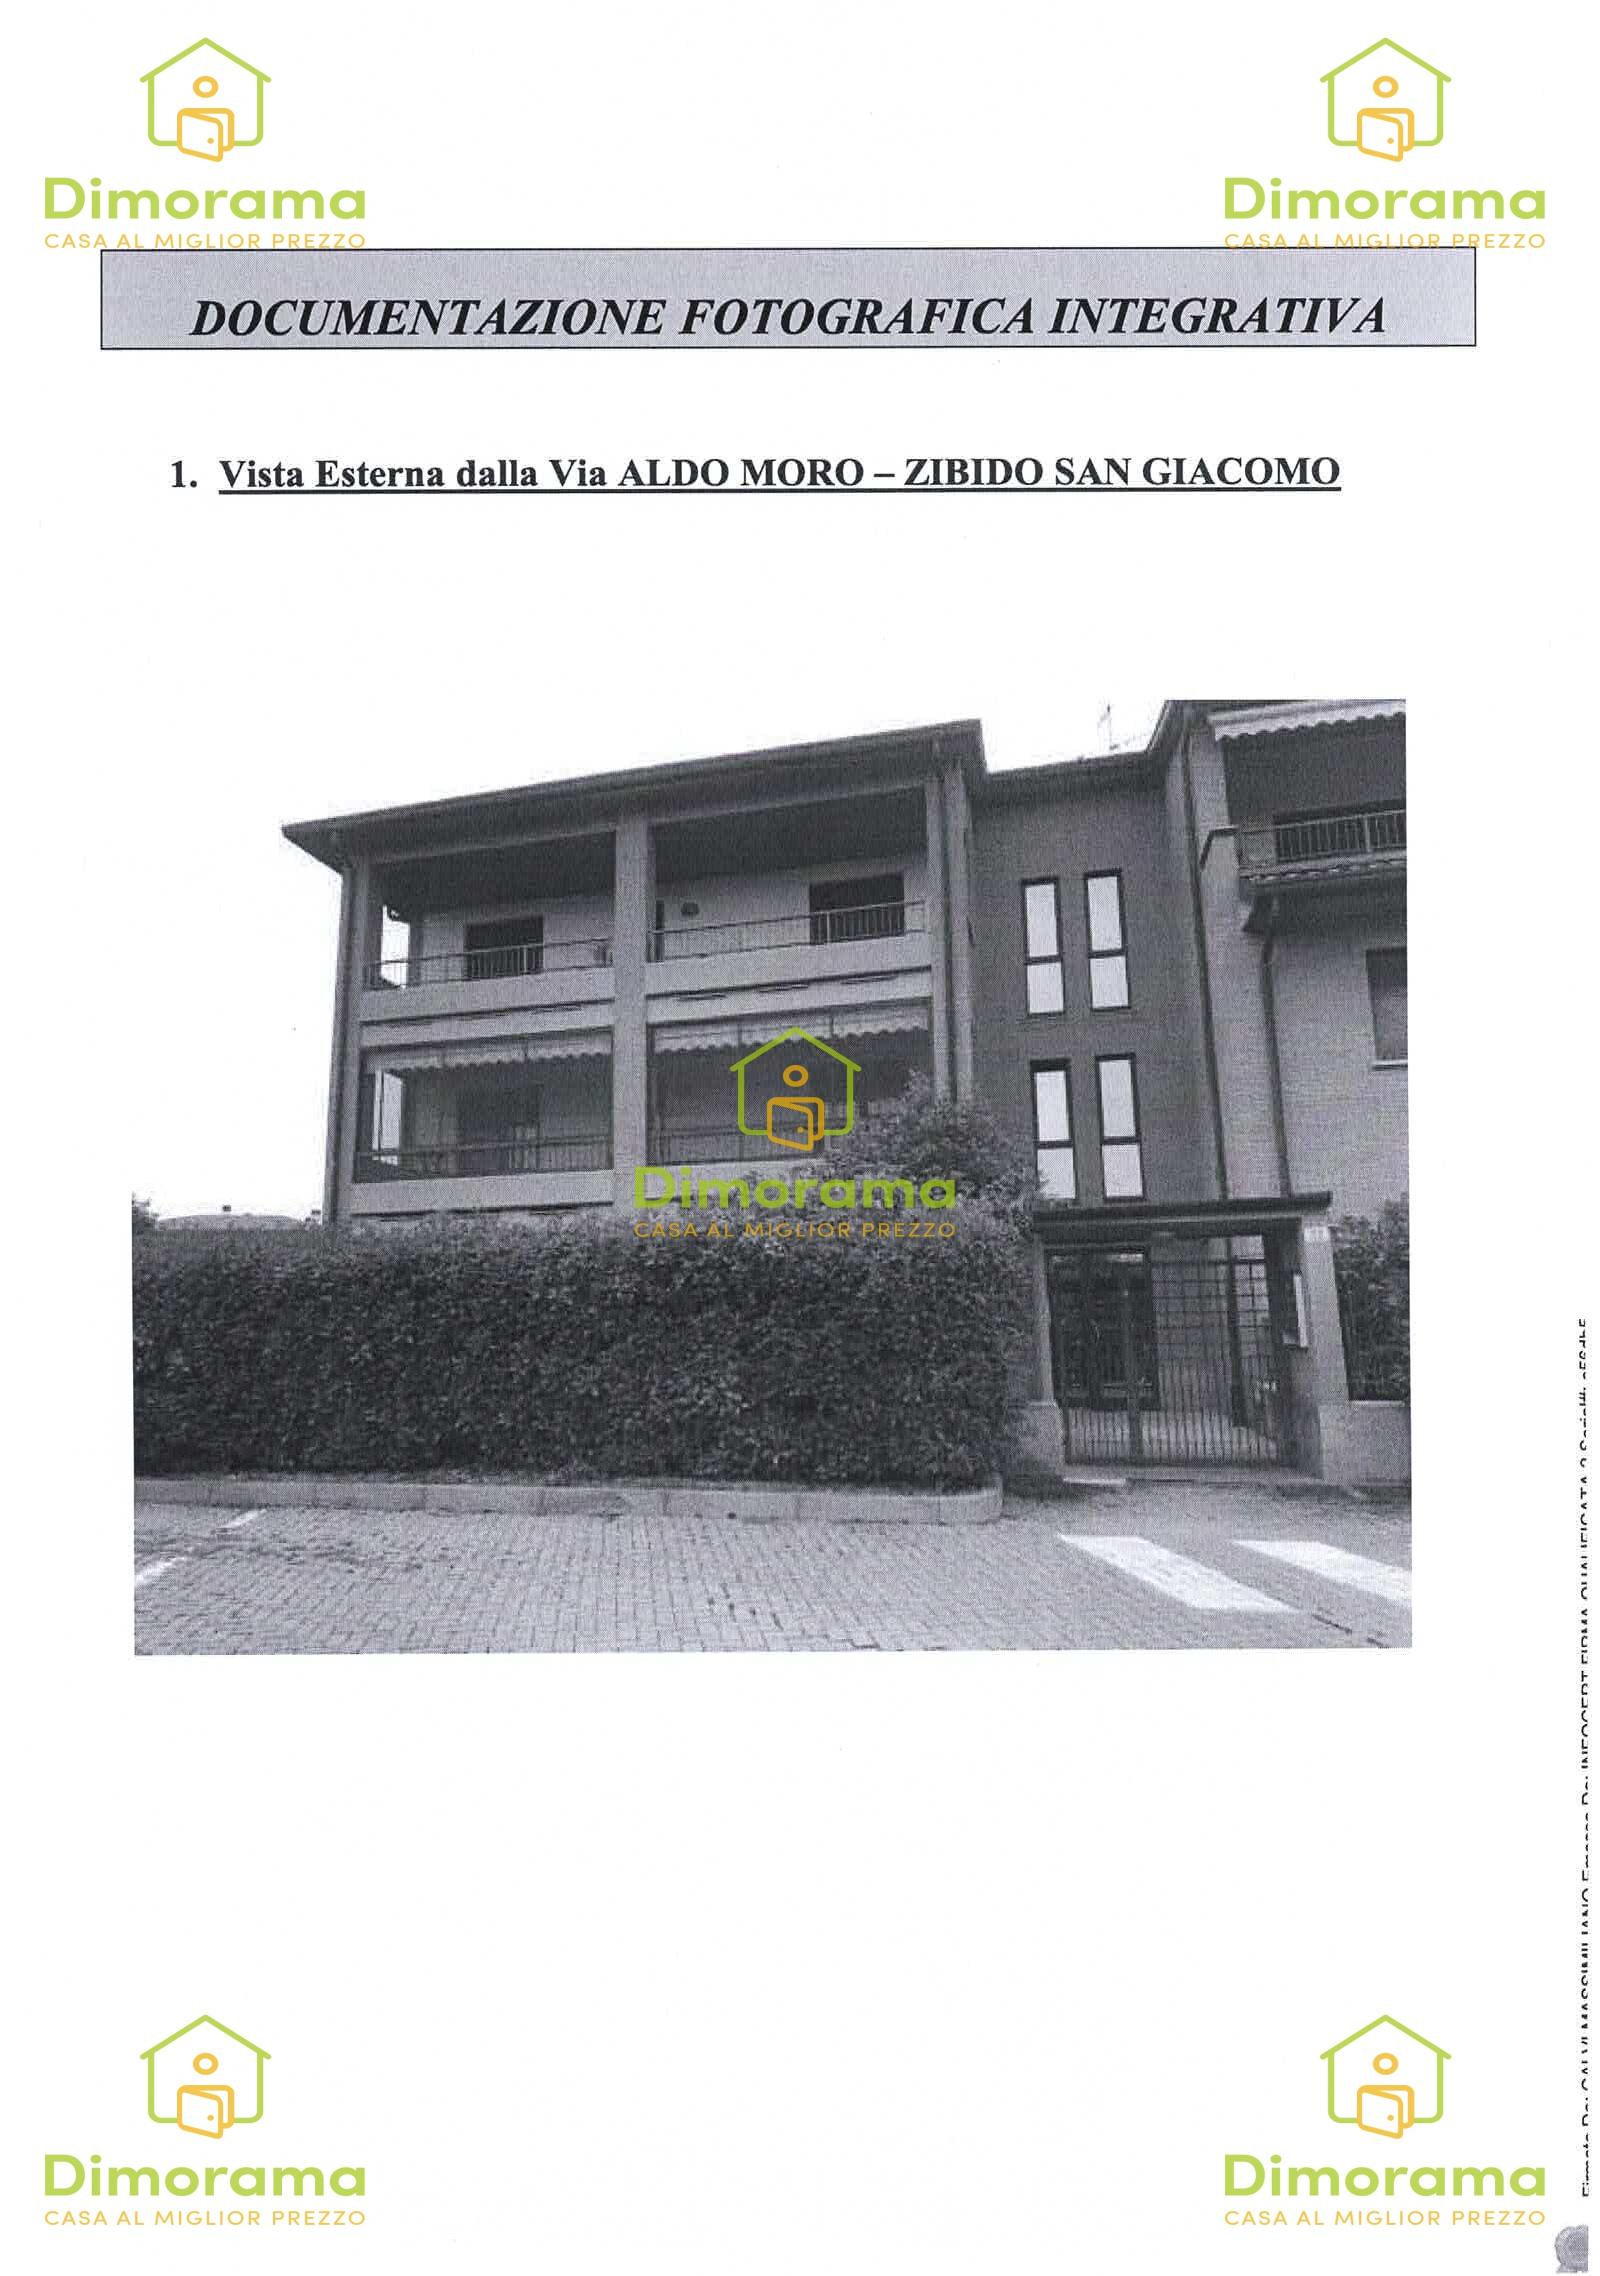 Appartamento, Frazione Moirago, Via Aldo Moro 22, 0, Vendita - Zibido San Giacomo